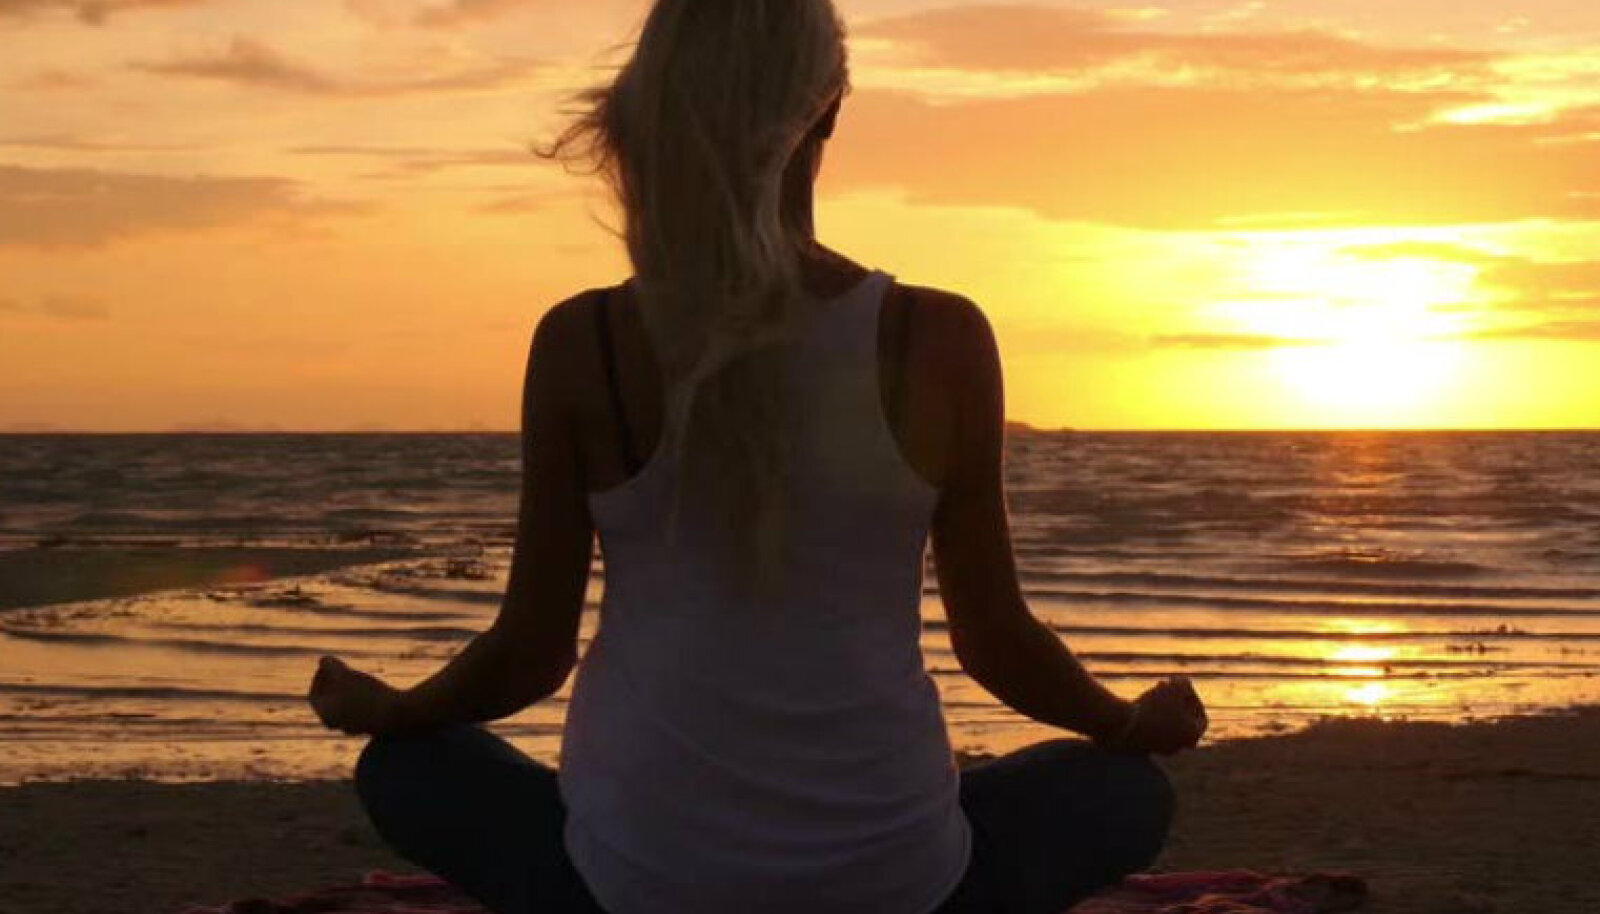 Pikka aega kestnud mõtteviis ja kõnemaneer tekitavad kehas hoiakuid ja protsesse, mille tulemusel oleme kas terved või haiged